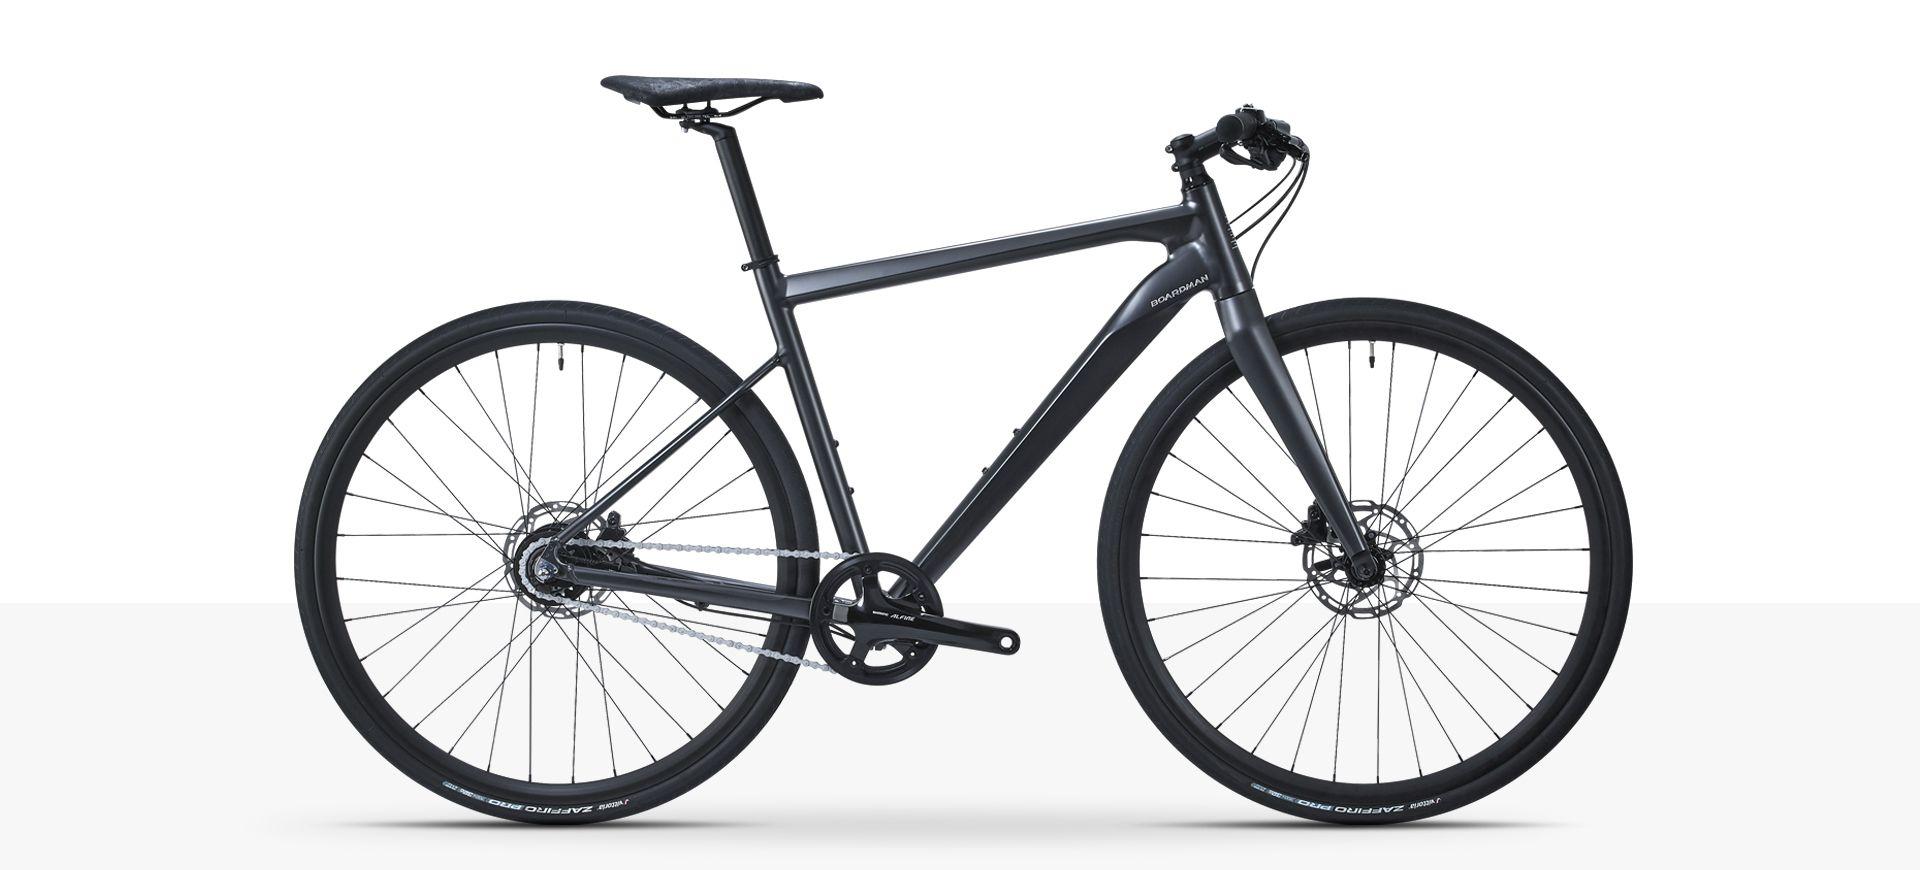 Boardman Urb 8 9 Unisex Hybrid Commuter Bike Boardman Bikes En